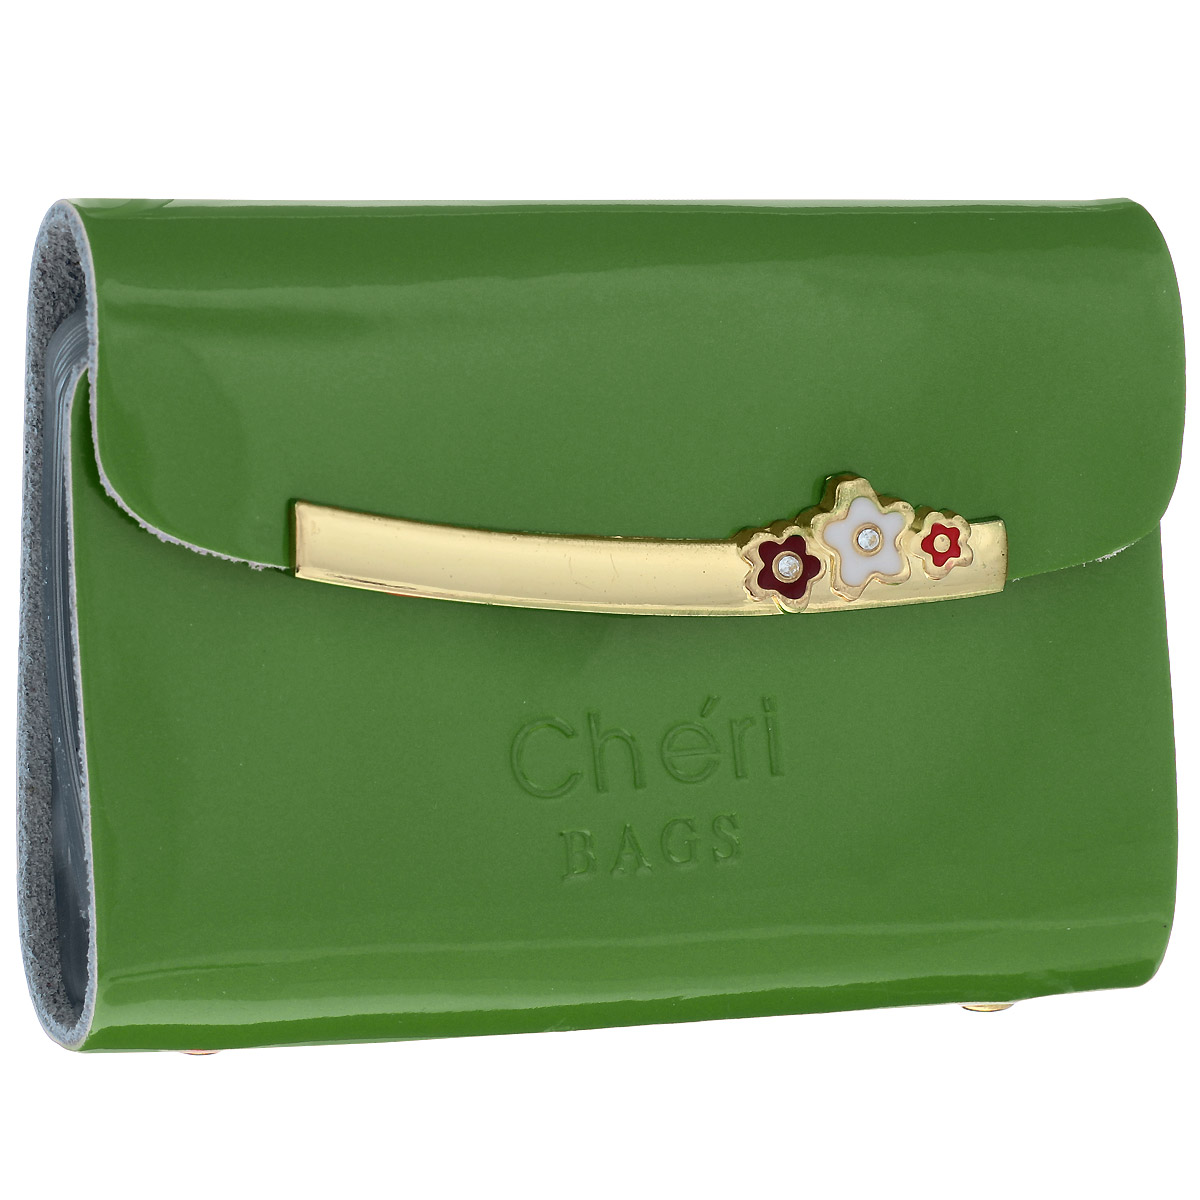 Визитница женская Cheribags, цвет: зеленый. V-0494-14993224Элегантная визитница Cheribags изготовлена из натуральной лаковой кожи и декорирована тисненым названием бренда спереди. Лицевая сторона украшена декоративным элементом из металла с цветами. Изделие закрывается клапаном на кнопку. Внутри - блок из прозрачного мягкого пластика на 26 визиток, который крепится к корпусу визитницы на металлические заклепки.Стильная визитница - это не только практичная вещь для хранения пластиковых карт, но и модный аксессуар, который подчеркнет ваш неповторимый стиль.